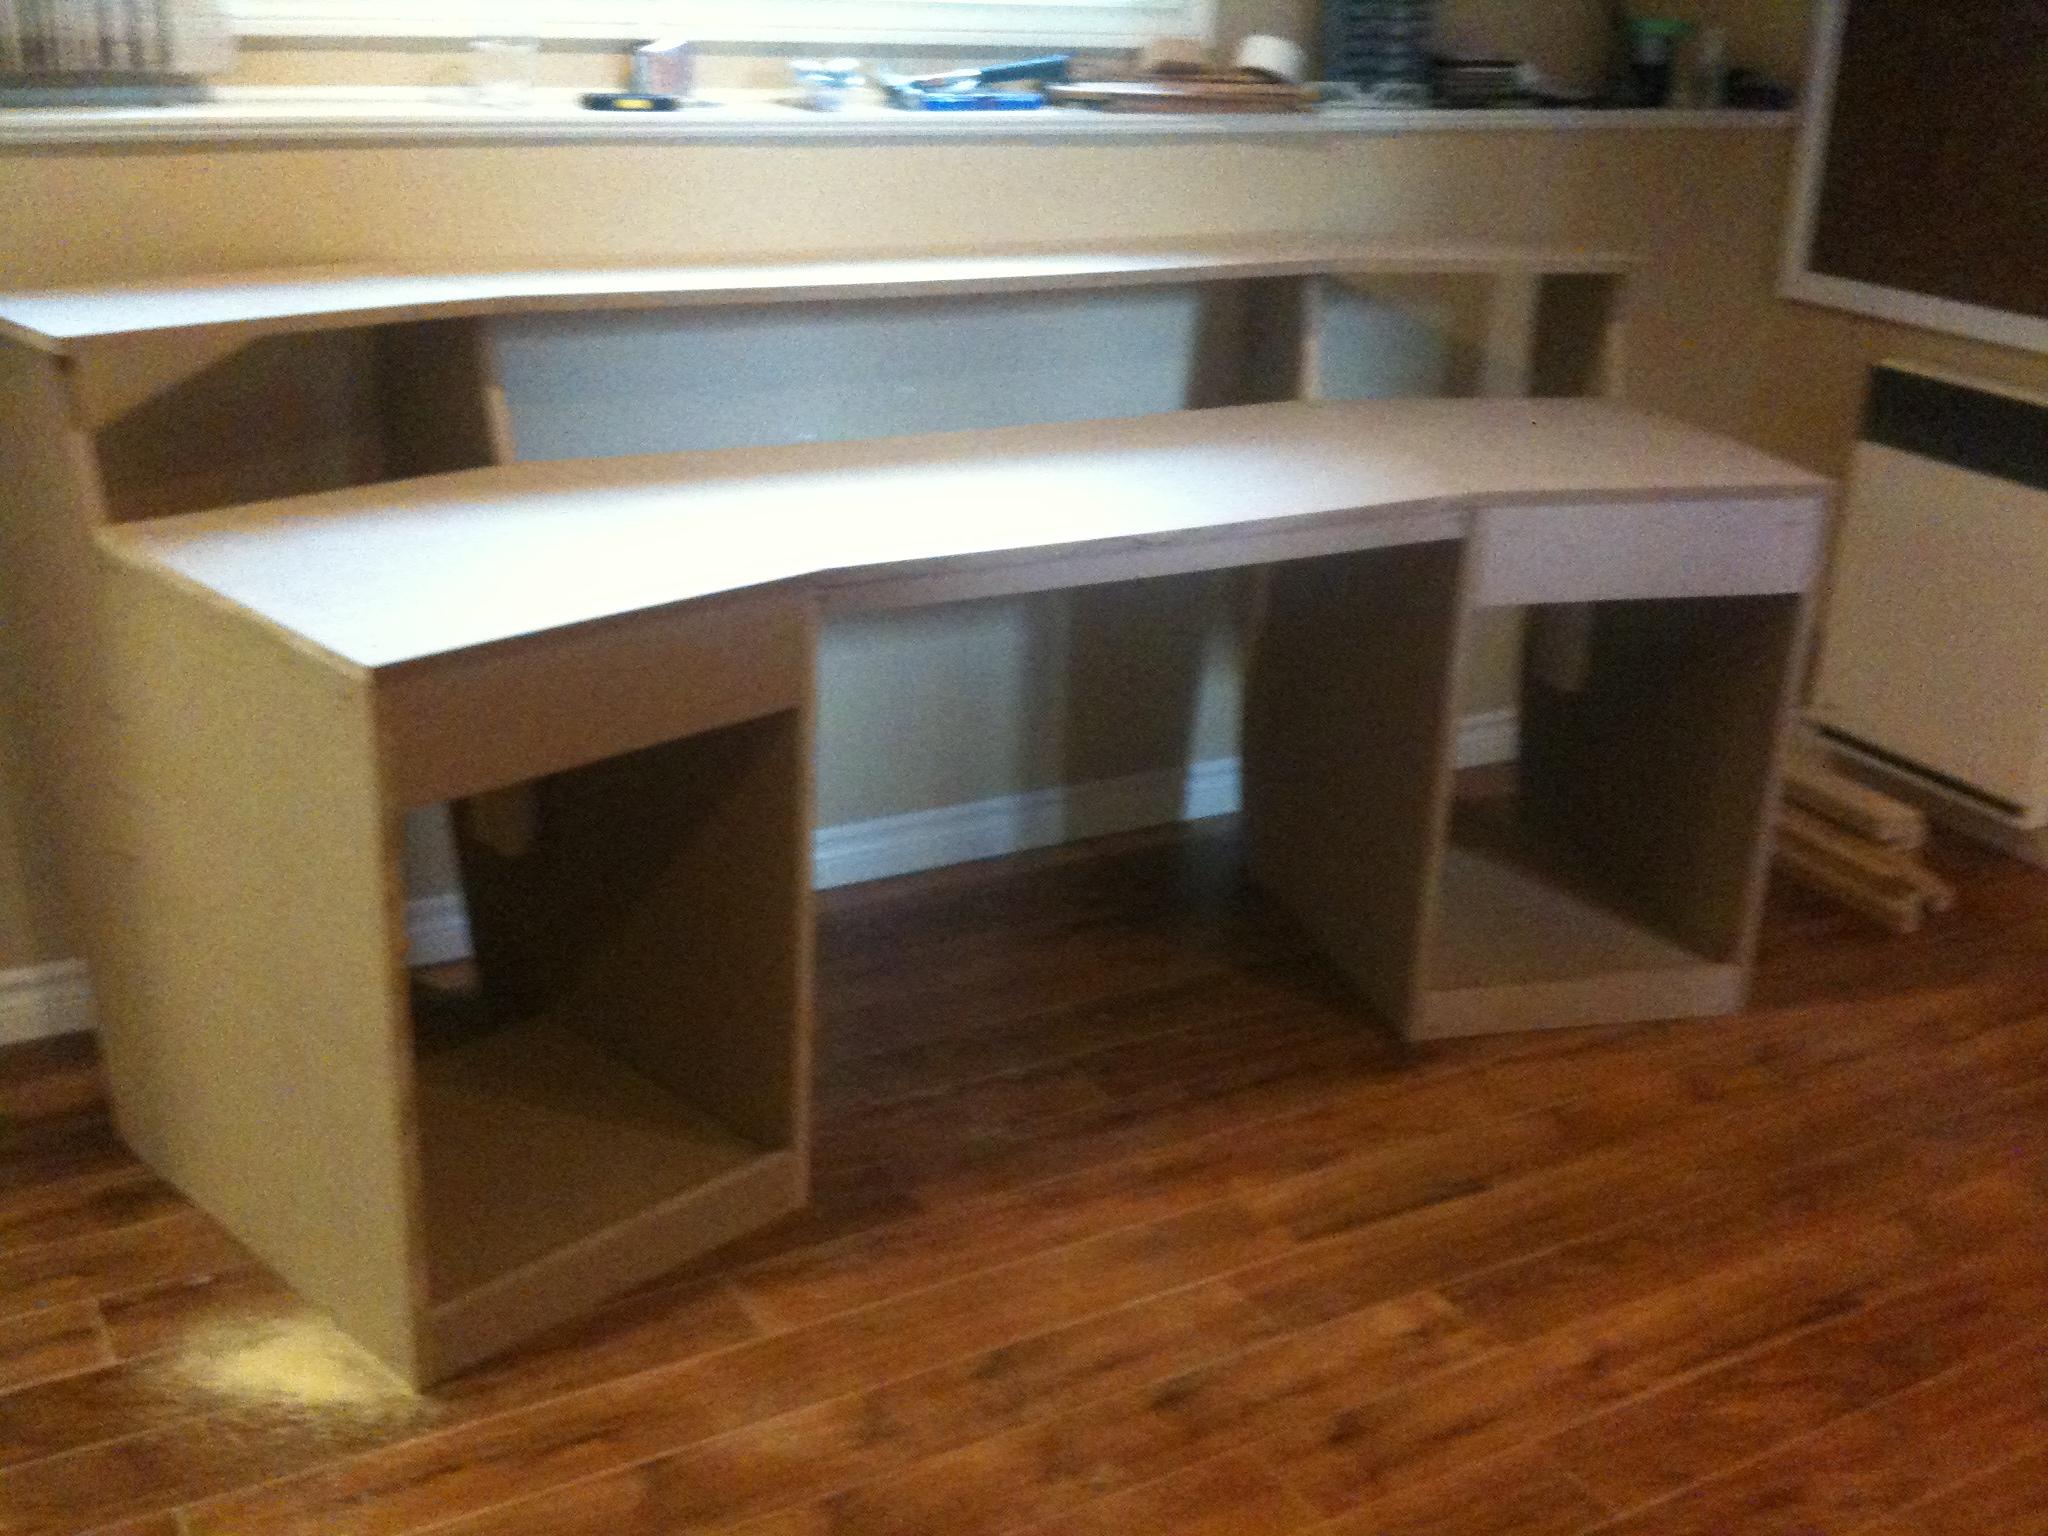 studio desk plans diy pdf woodworking. Black Bedroom Furniture Sets. Home Design Ideas